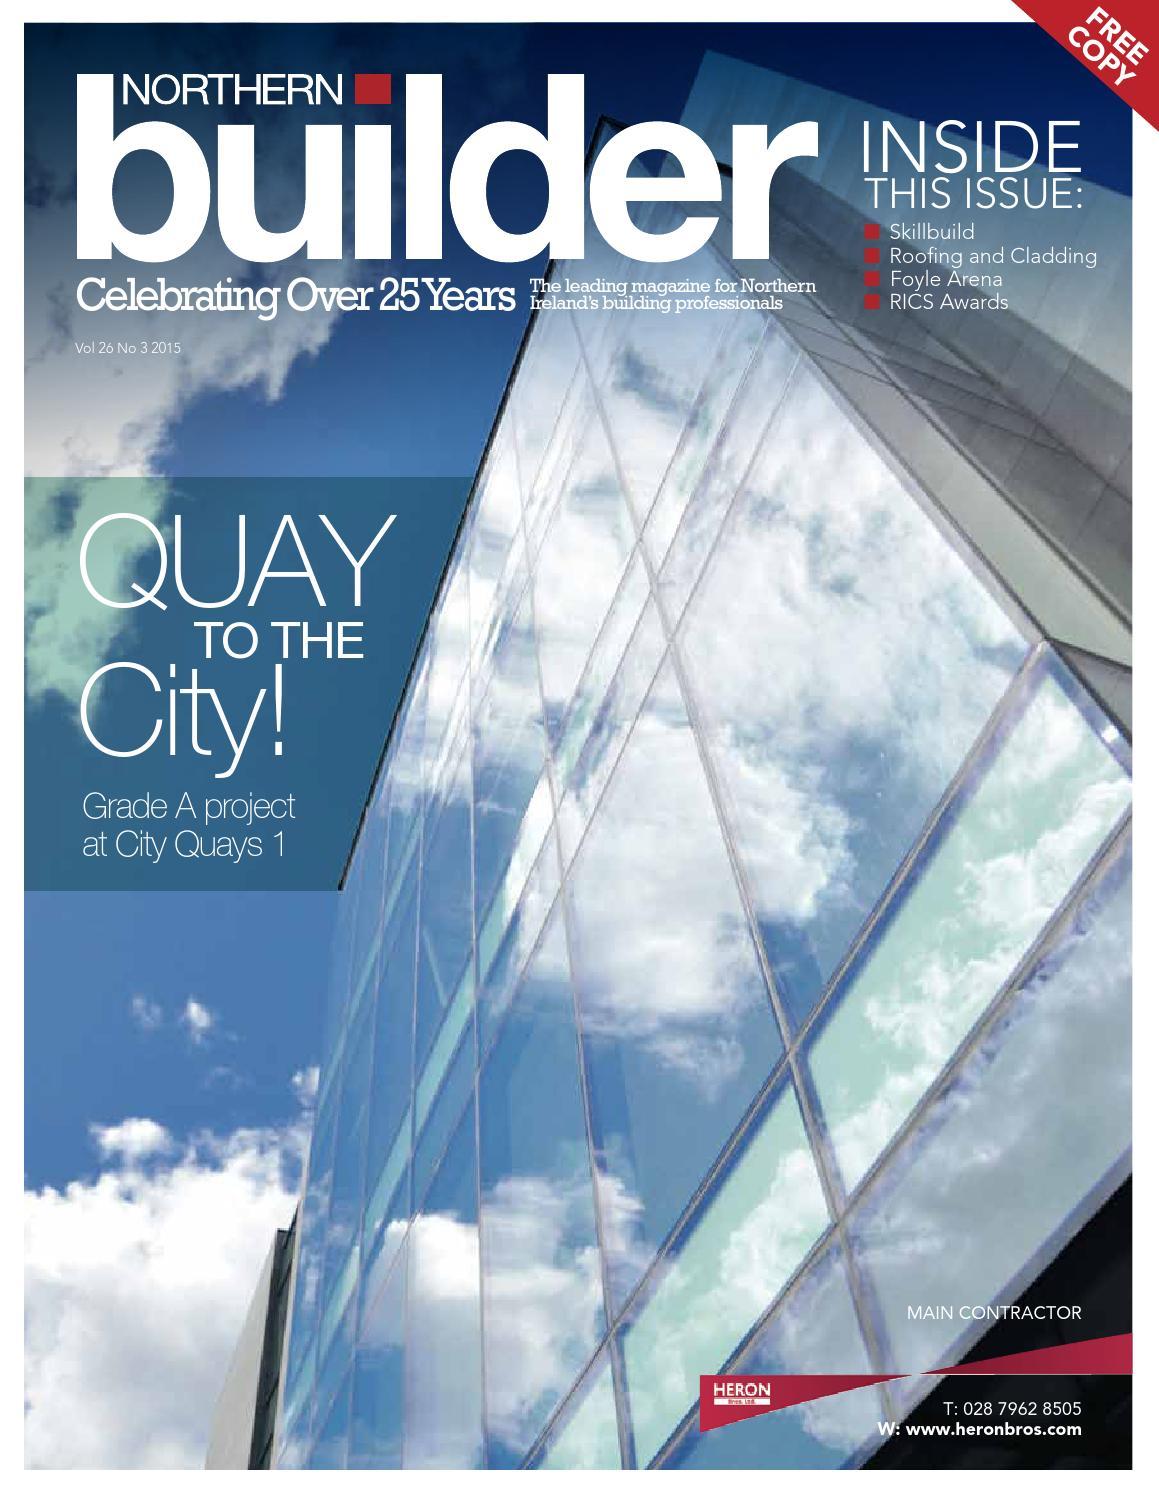 Northern Builder Magazine Issue 26-3 by Karen McAvoy Publishing - issuu